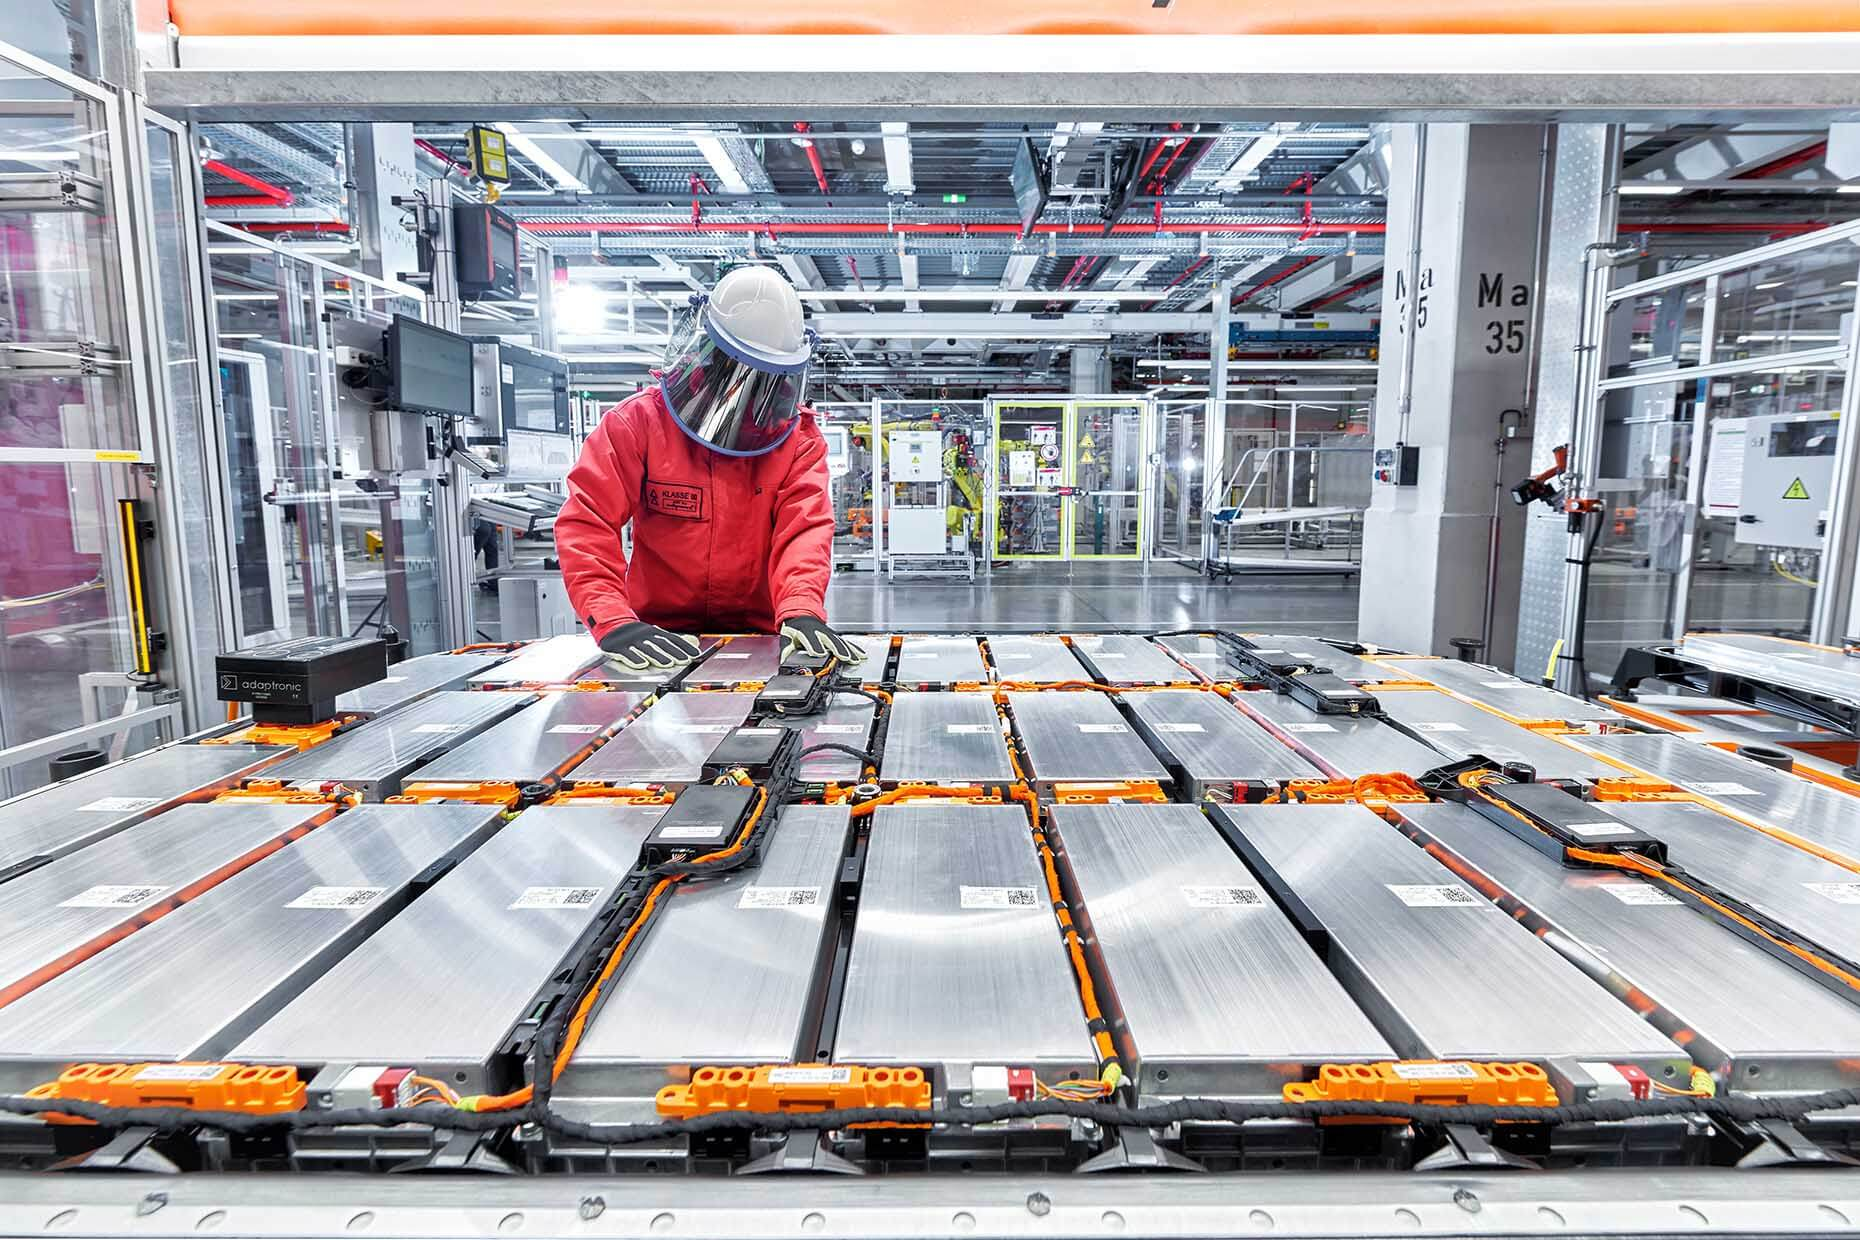 εργάτης επιβλέπει μια σειρά από μπαταρίες για ηλεκτρικά αυτοκίνητα